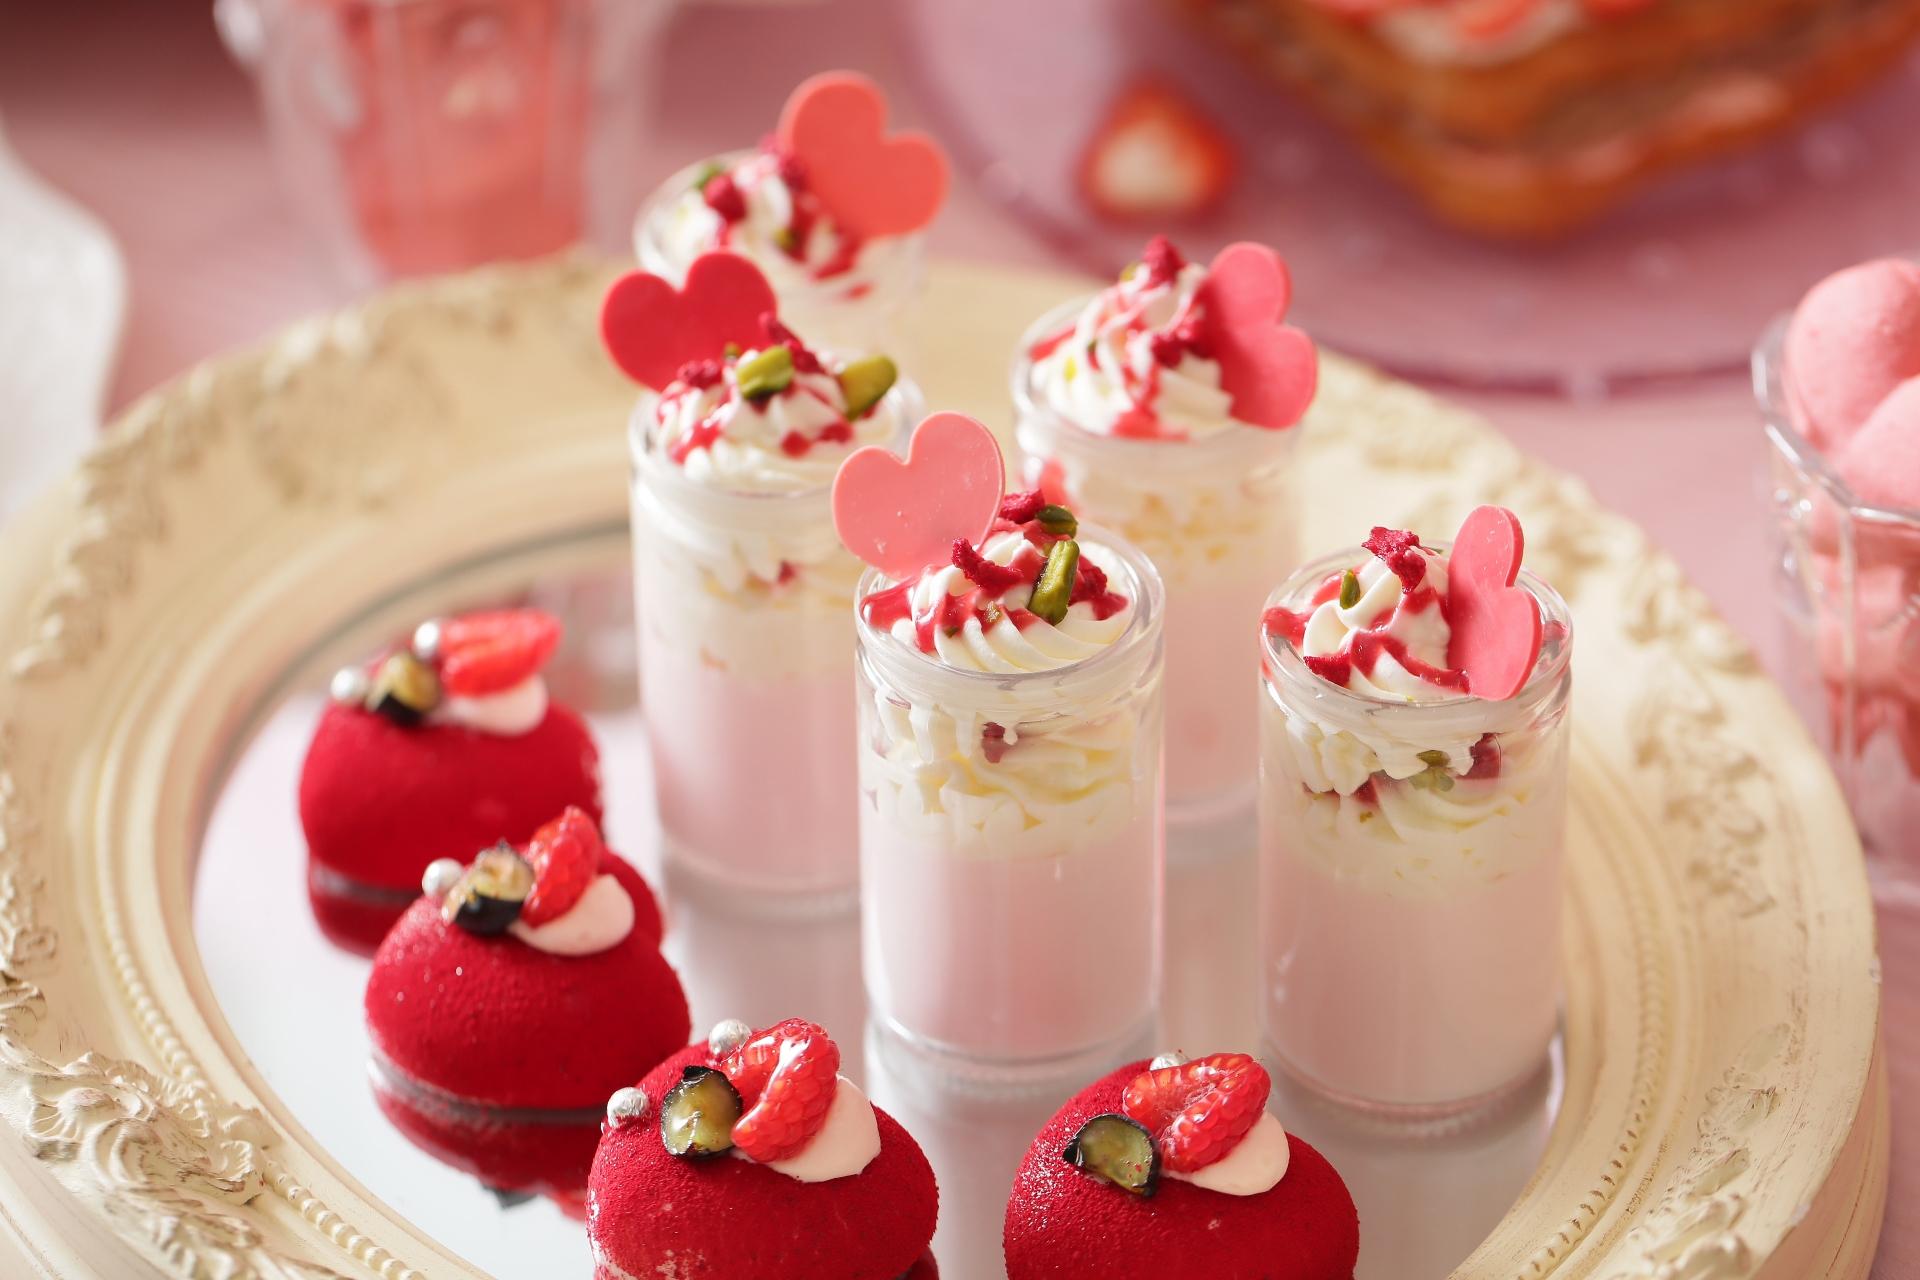 「恋するいちご バレンタインデザートブッフェ」には、いちご・ハート・ベアをモチーフにしたスイーツがいっぱい! 【 #いちご 1】_4